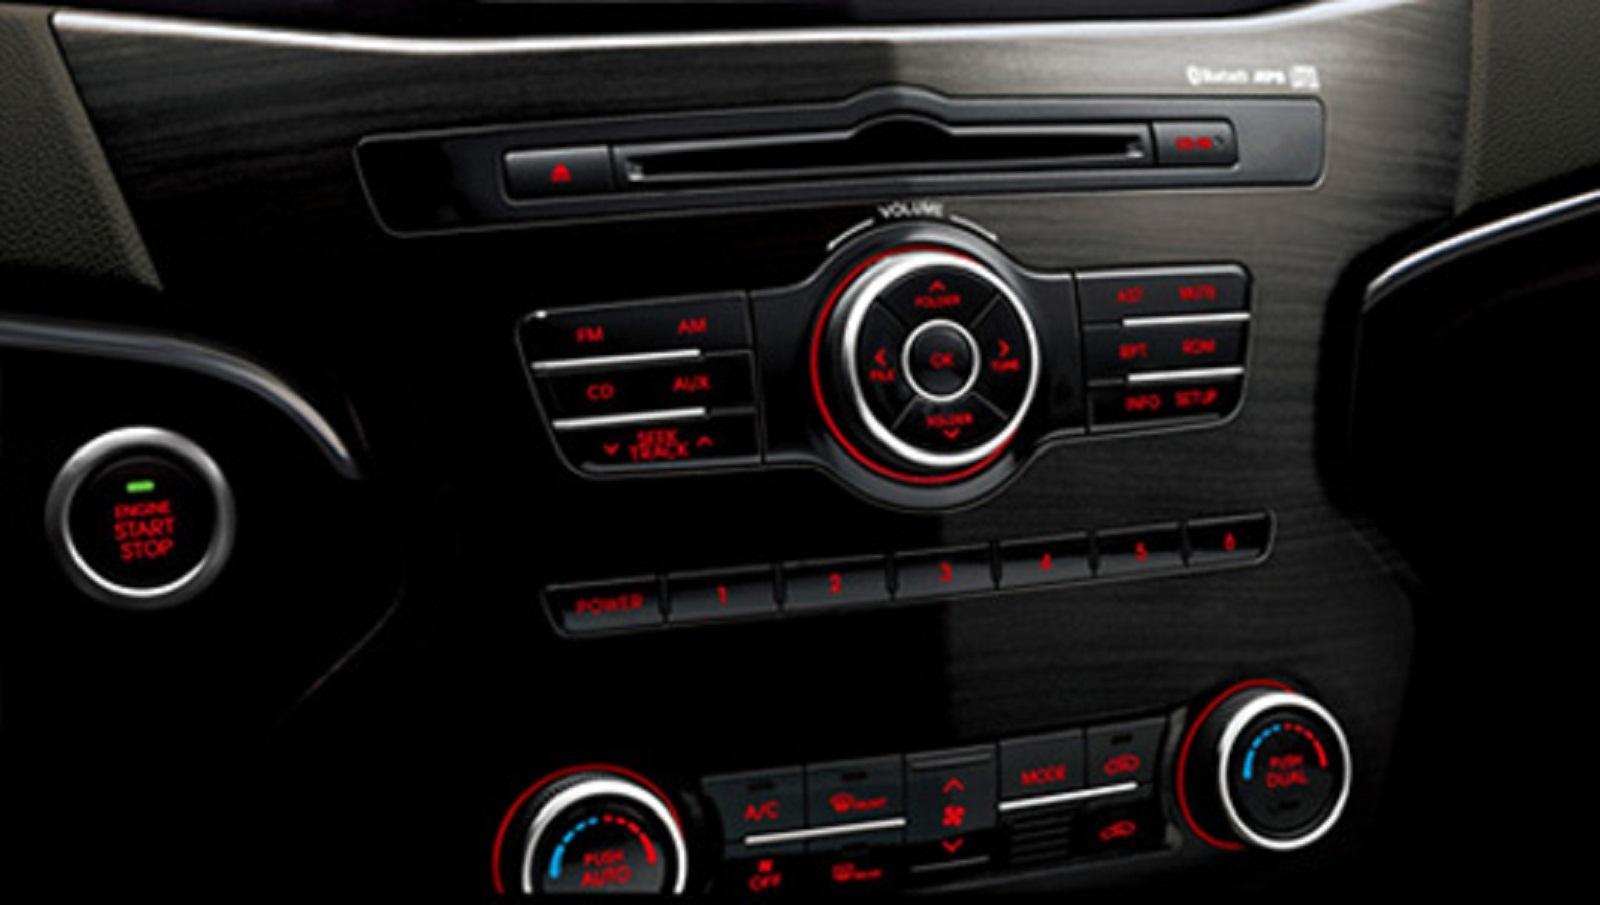 kinh nghiệm lái xe,điều hoà ô tô,bảo dưỡng ô tô,điều hòa